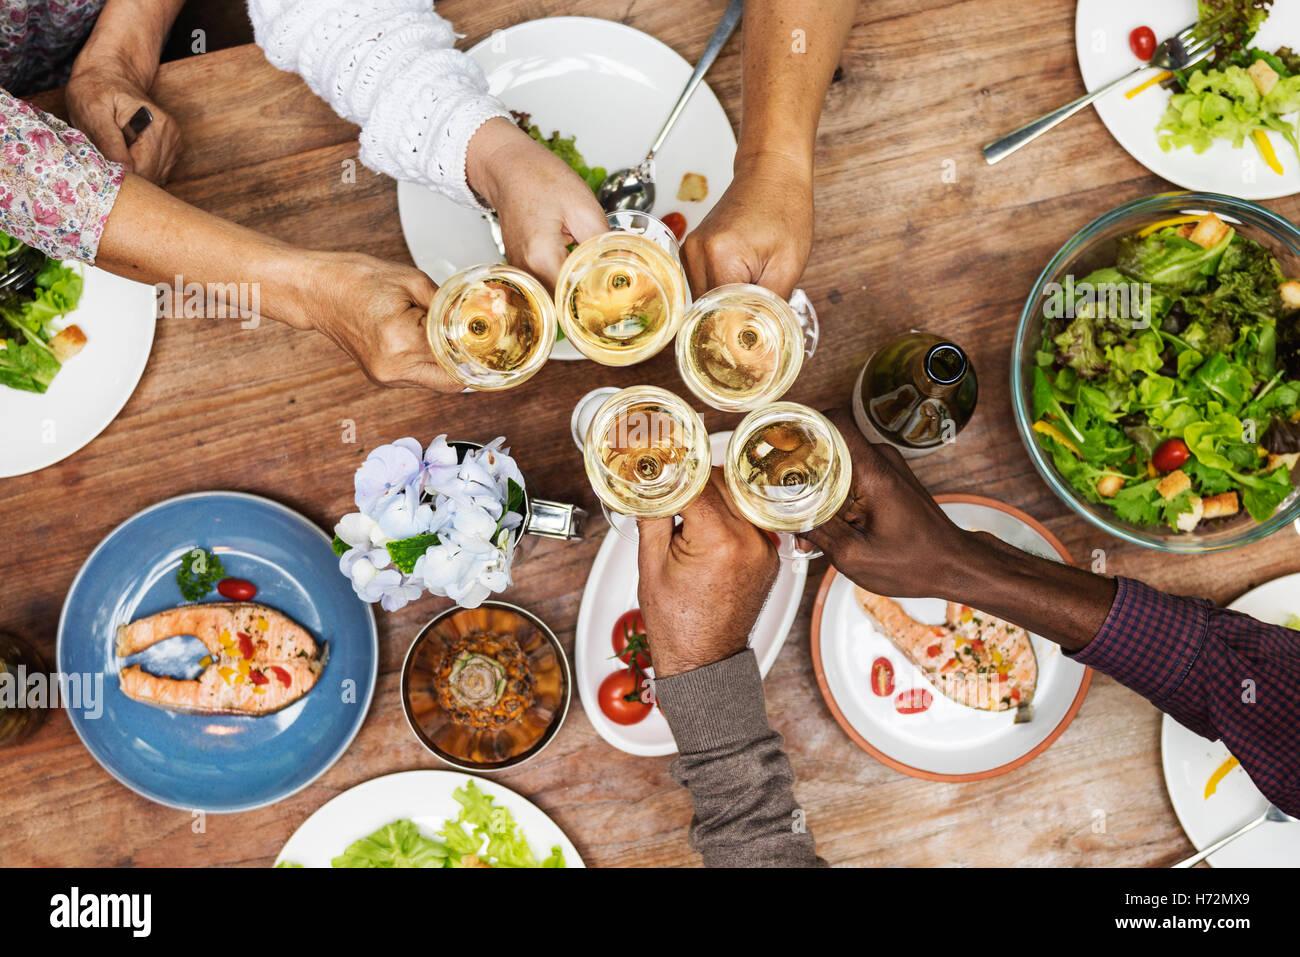 Gli amici di felicità godendo Dinning concetto mangiare Immagini Stock